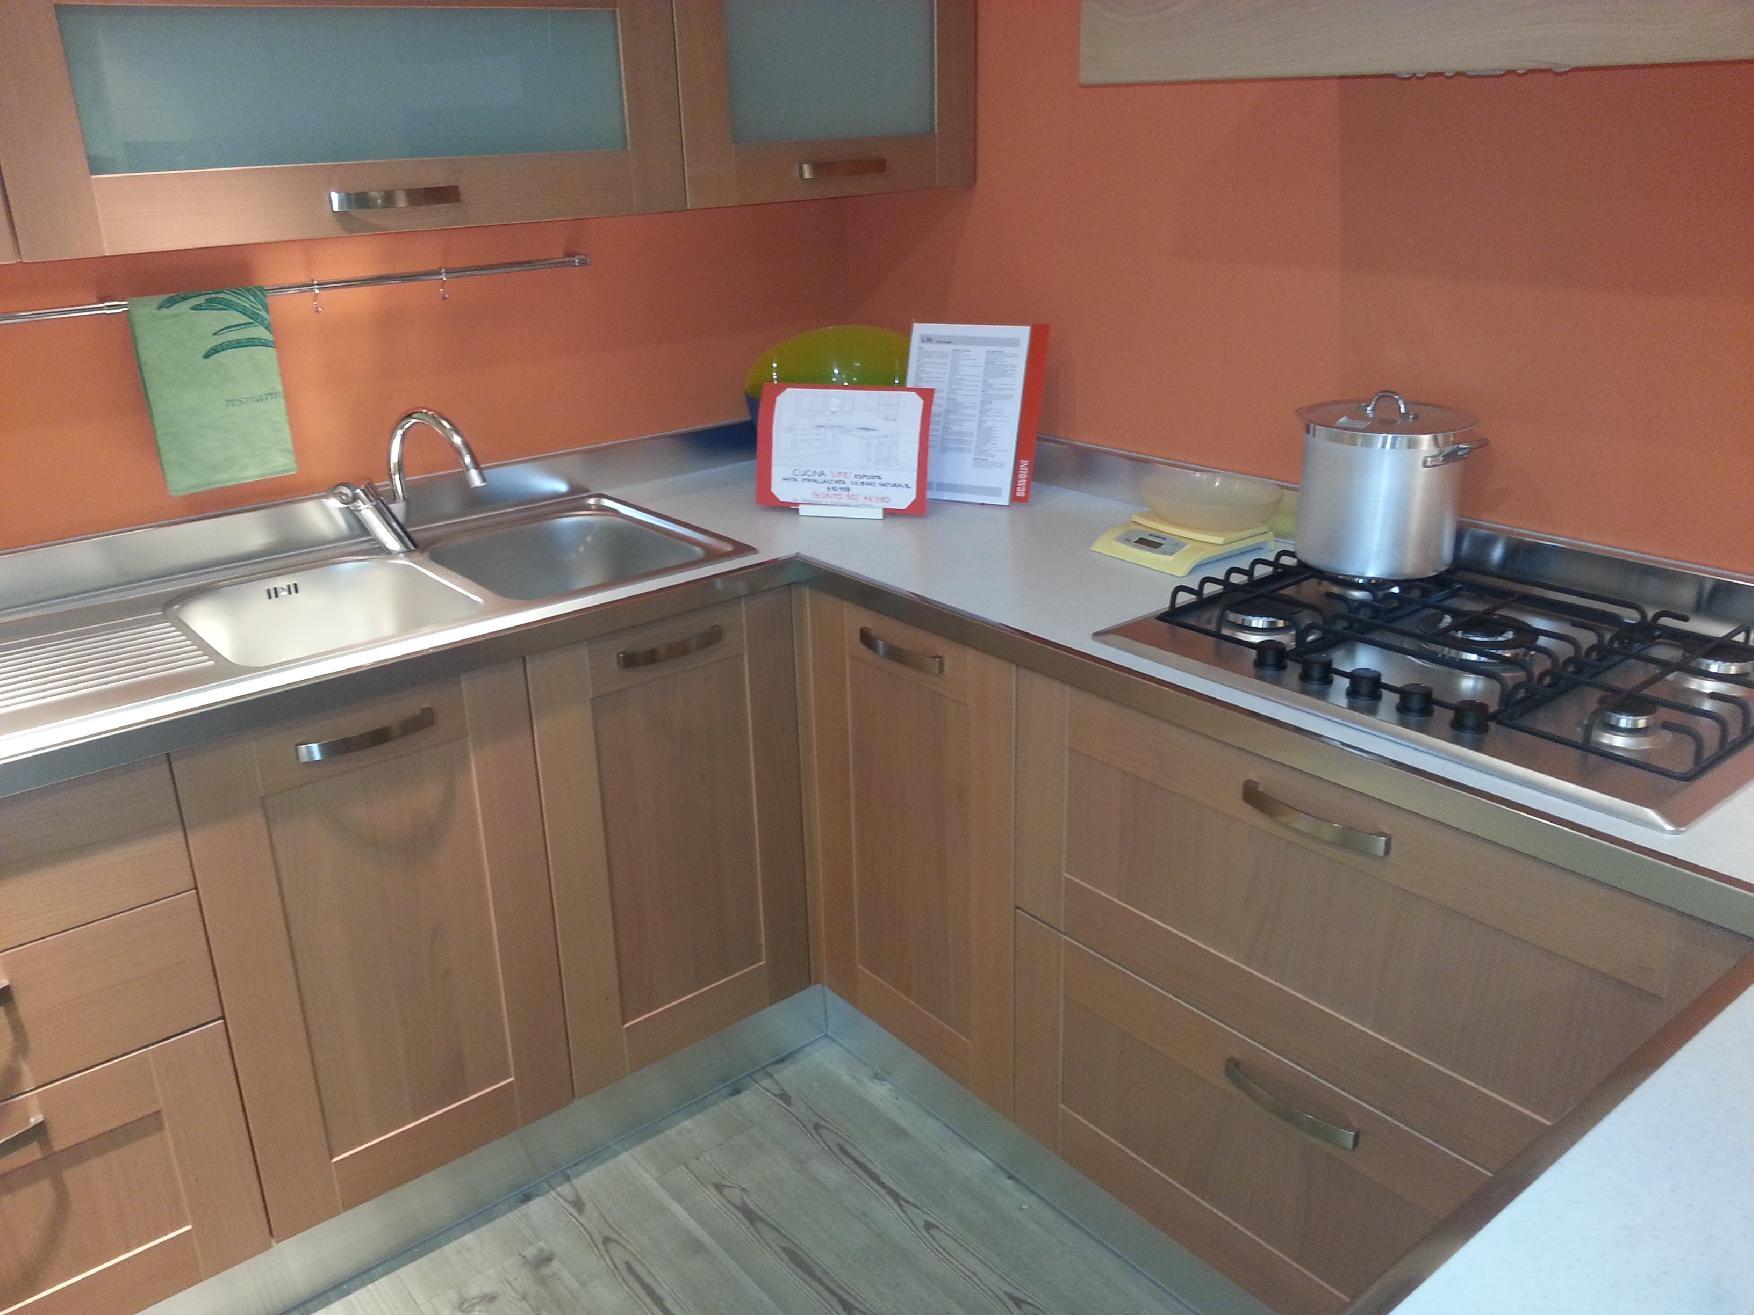 Dipingere ante cucina dipingere ante cucina with dipingere ante cucina top beautiful - Dipingere ante cucina in legno ...